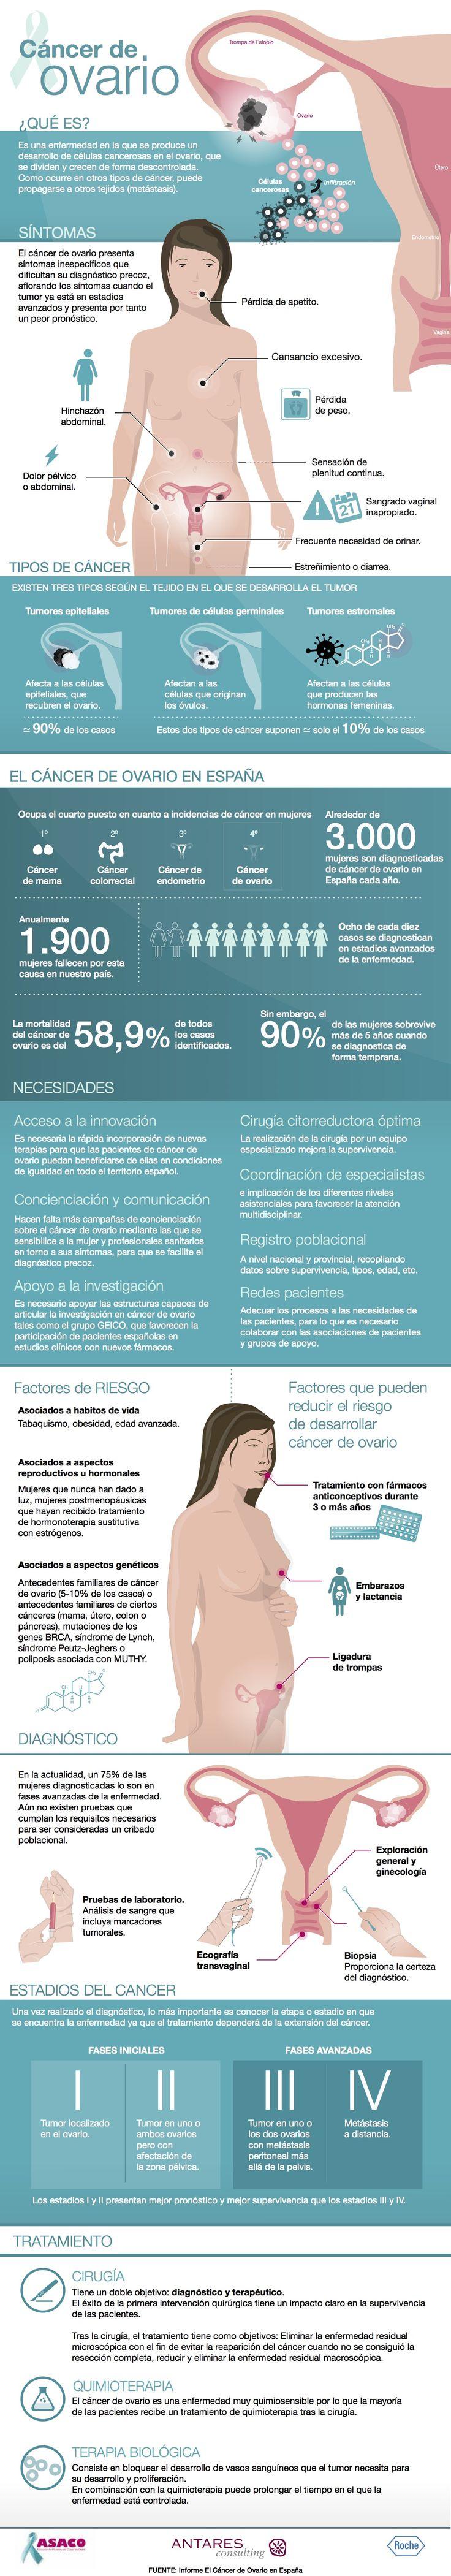 Cáncer de ovario #infografia